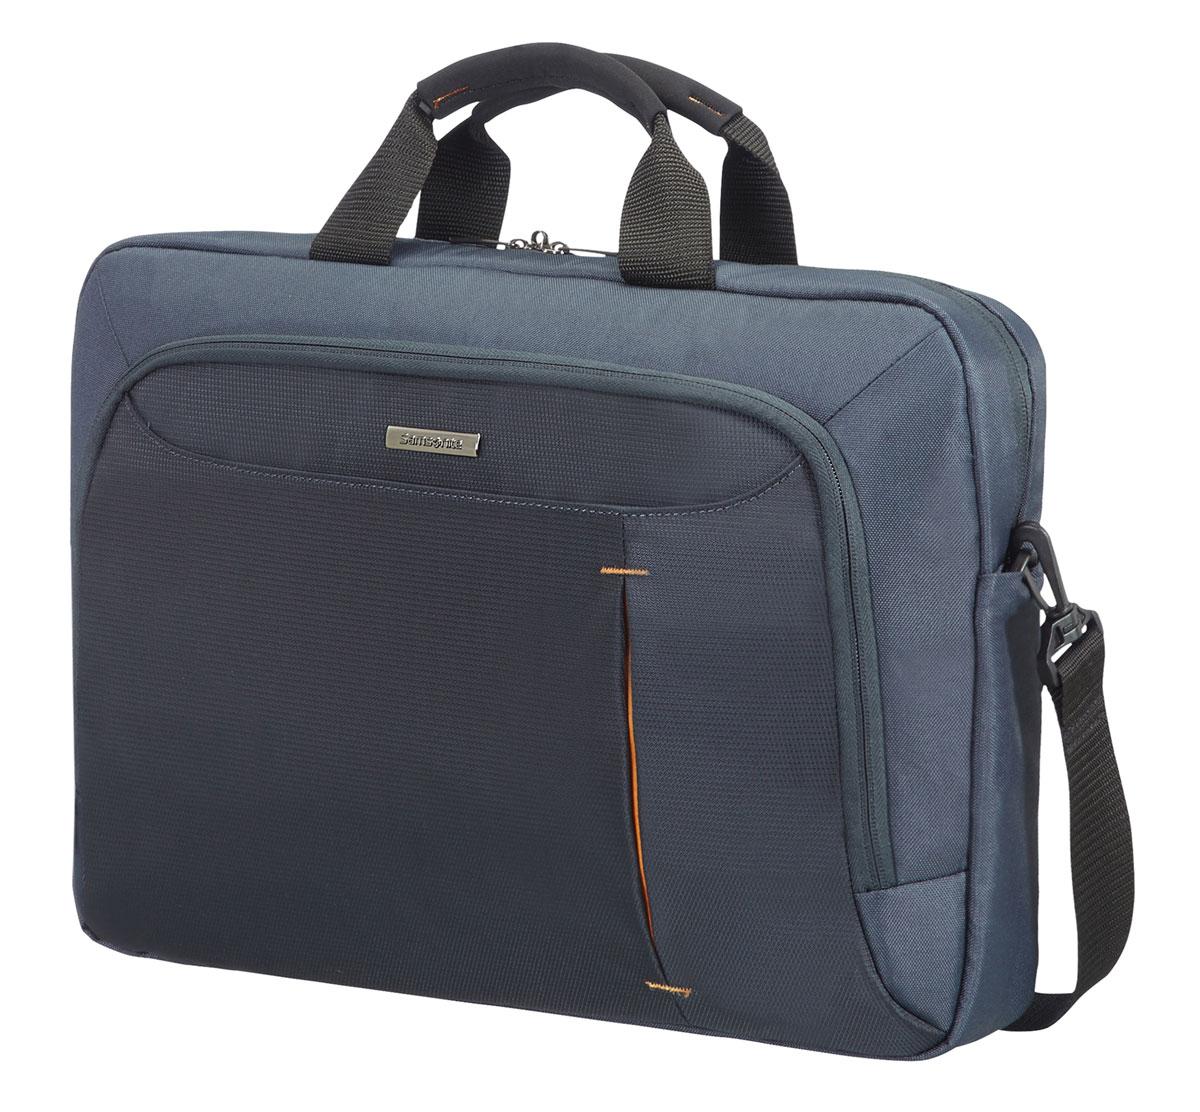 Сумка для ноутбука Samsonite, цвет: серый. 88U*0800288U*08002